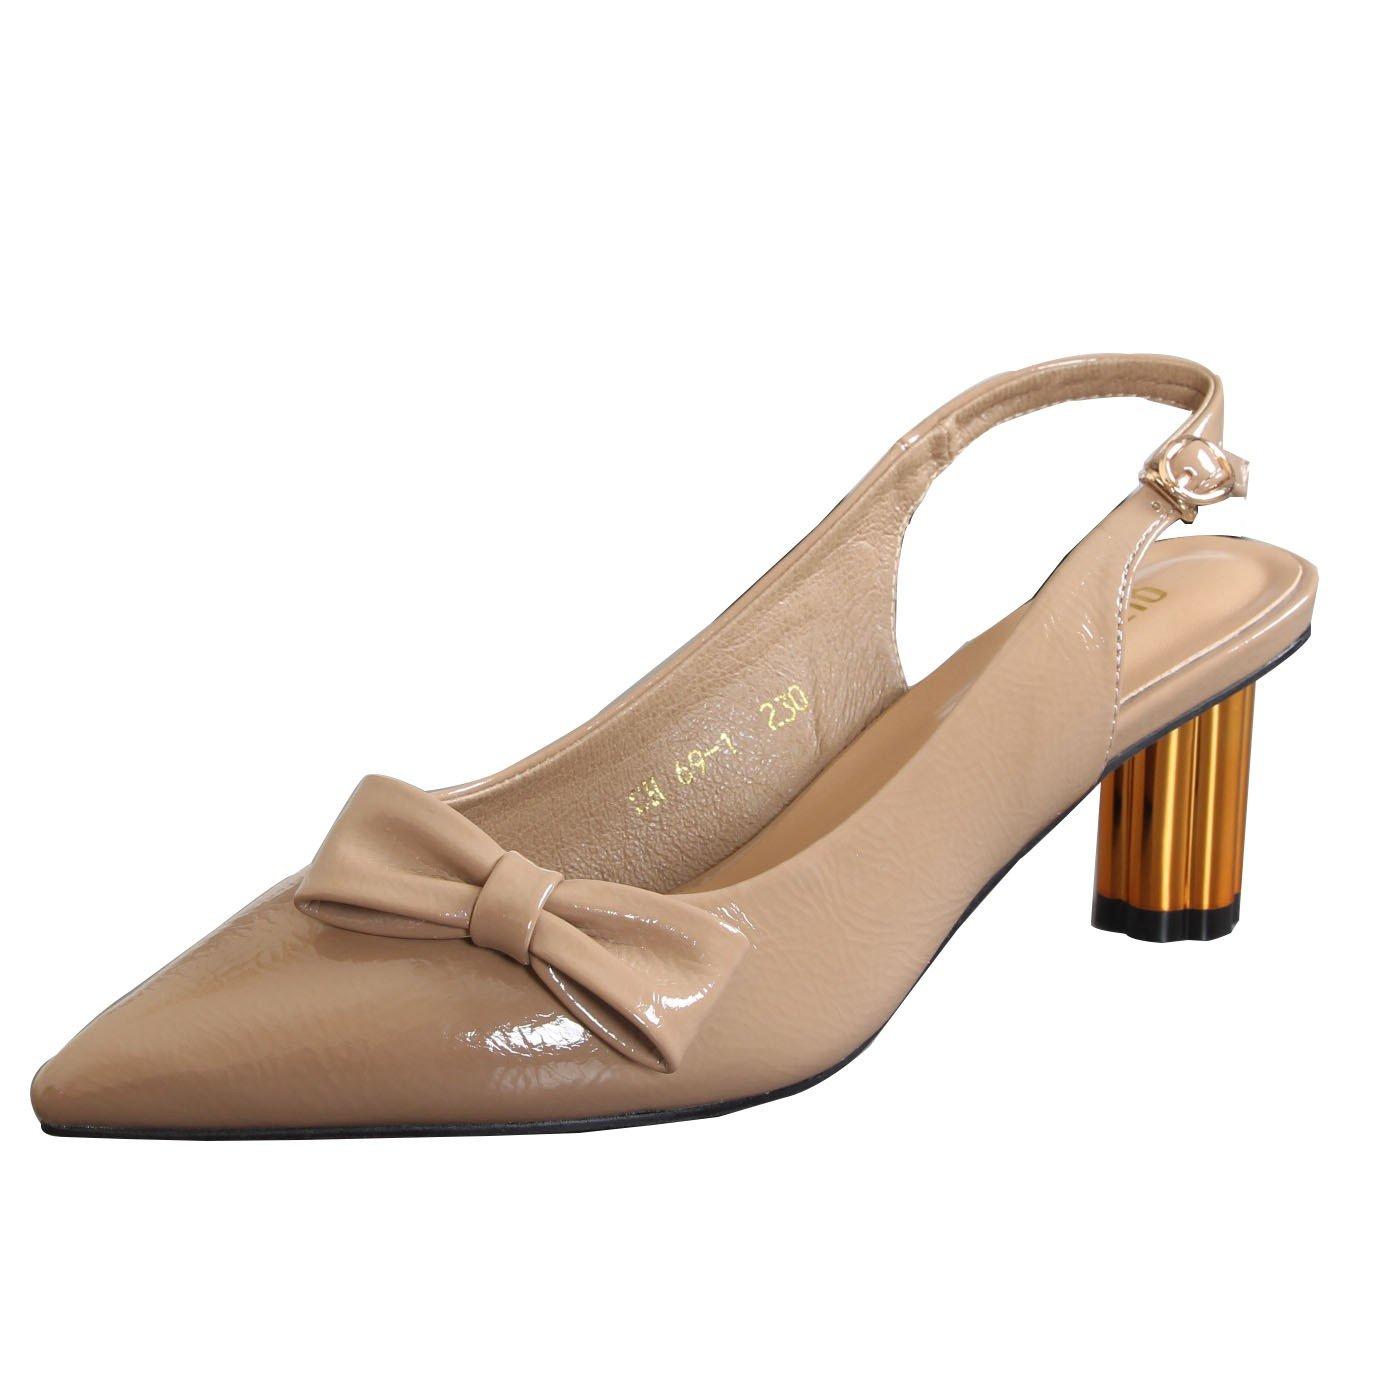 KPHY Damenschuhe Weiblich Im Frühling und Sommer Scharf Darauf Flachen Mund Metall Dicke Sohle 7Cm Hochhackigen Schuhe Fliege Süß Schnalle Sandalen.